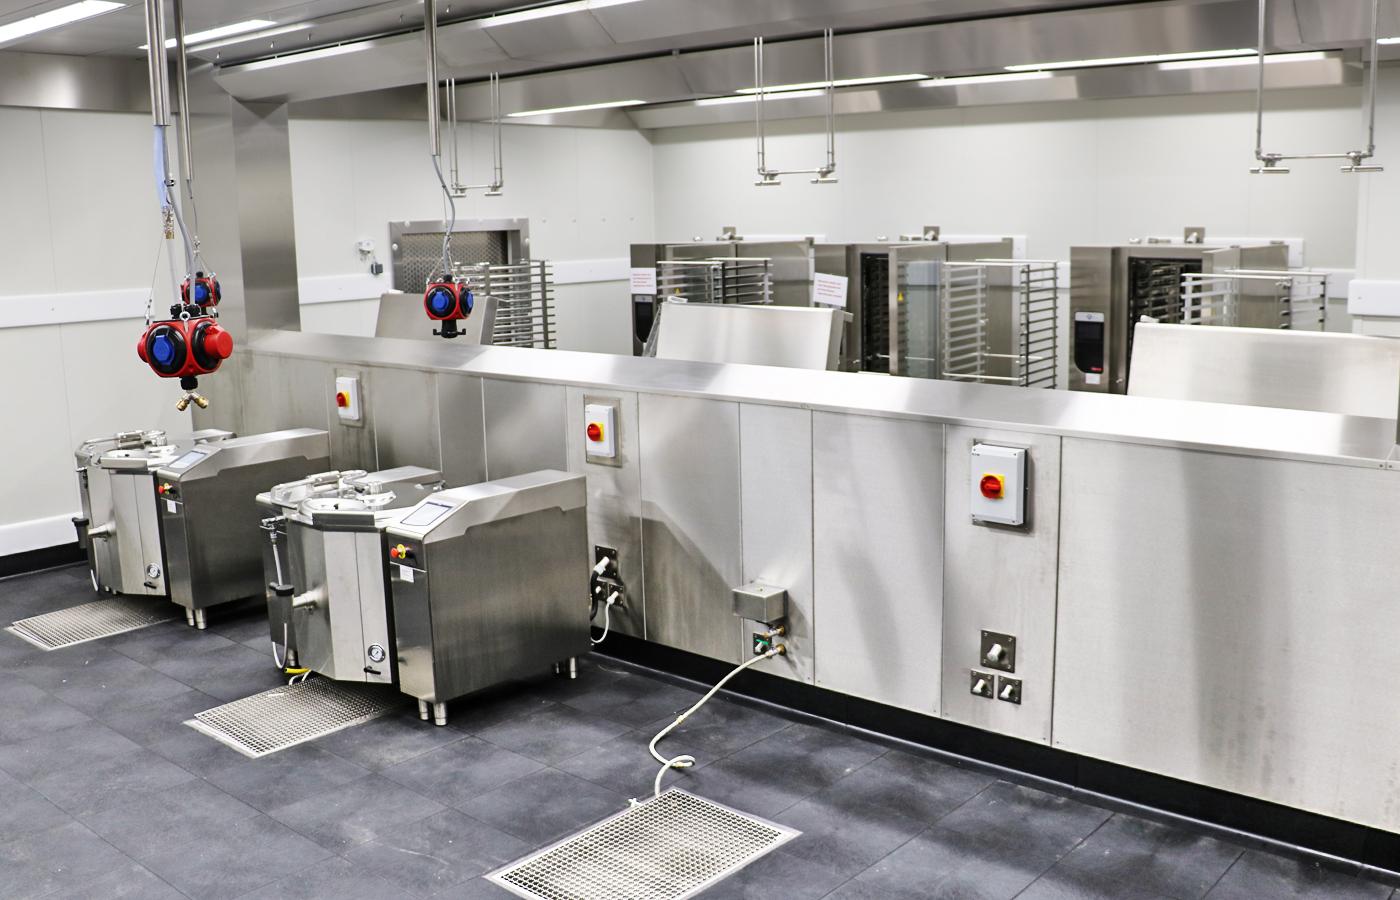 Großküchenplanung bei SCHECK-iN Manufaktur in Achern